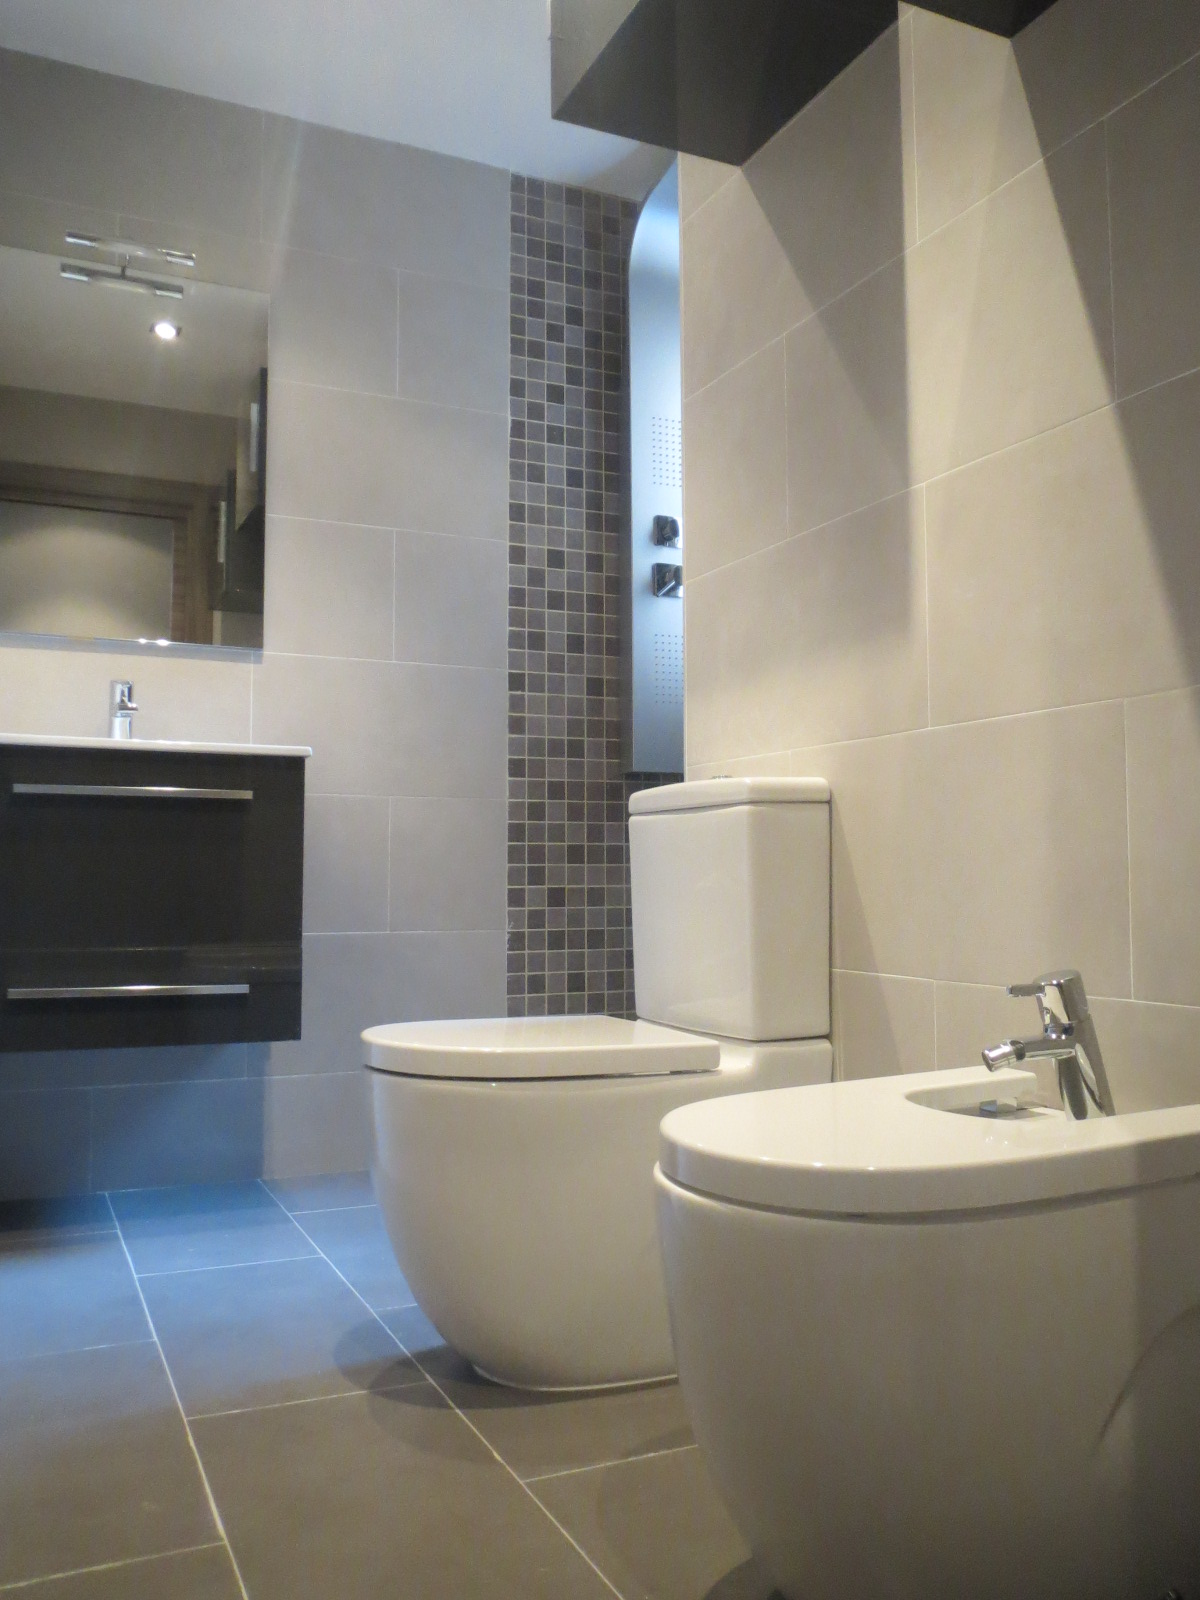 Baño Reformado Ducha:Reforma de baños